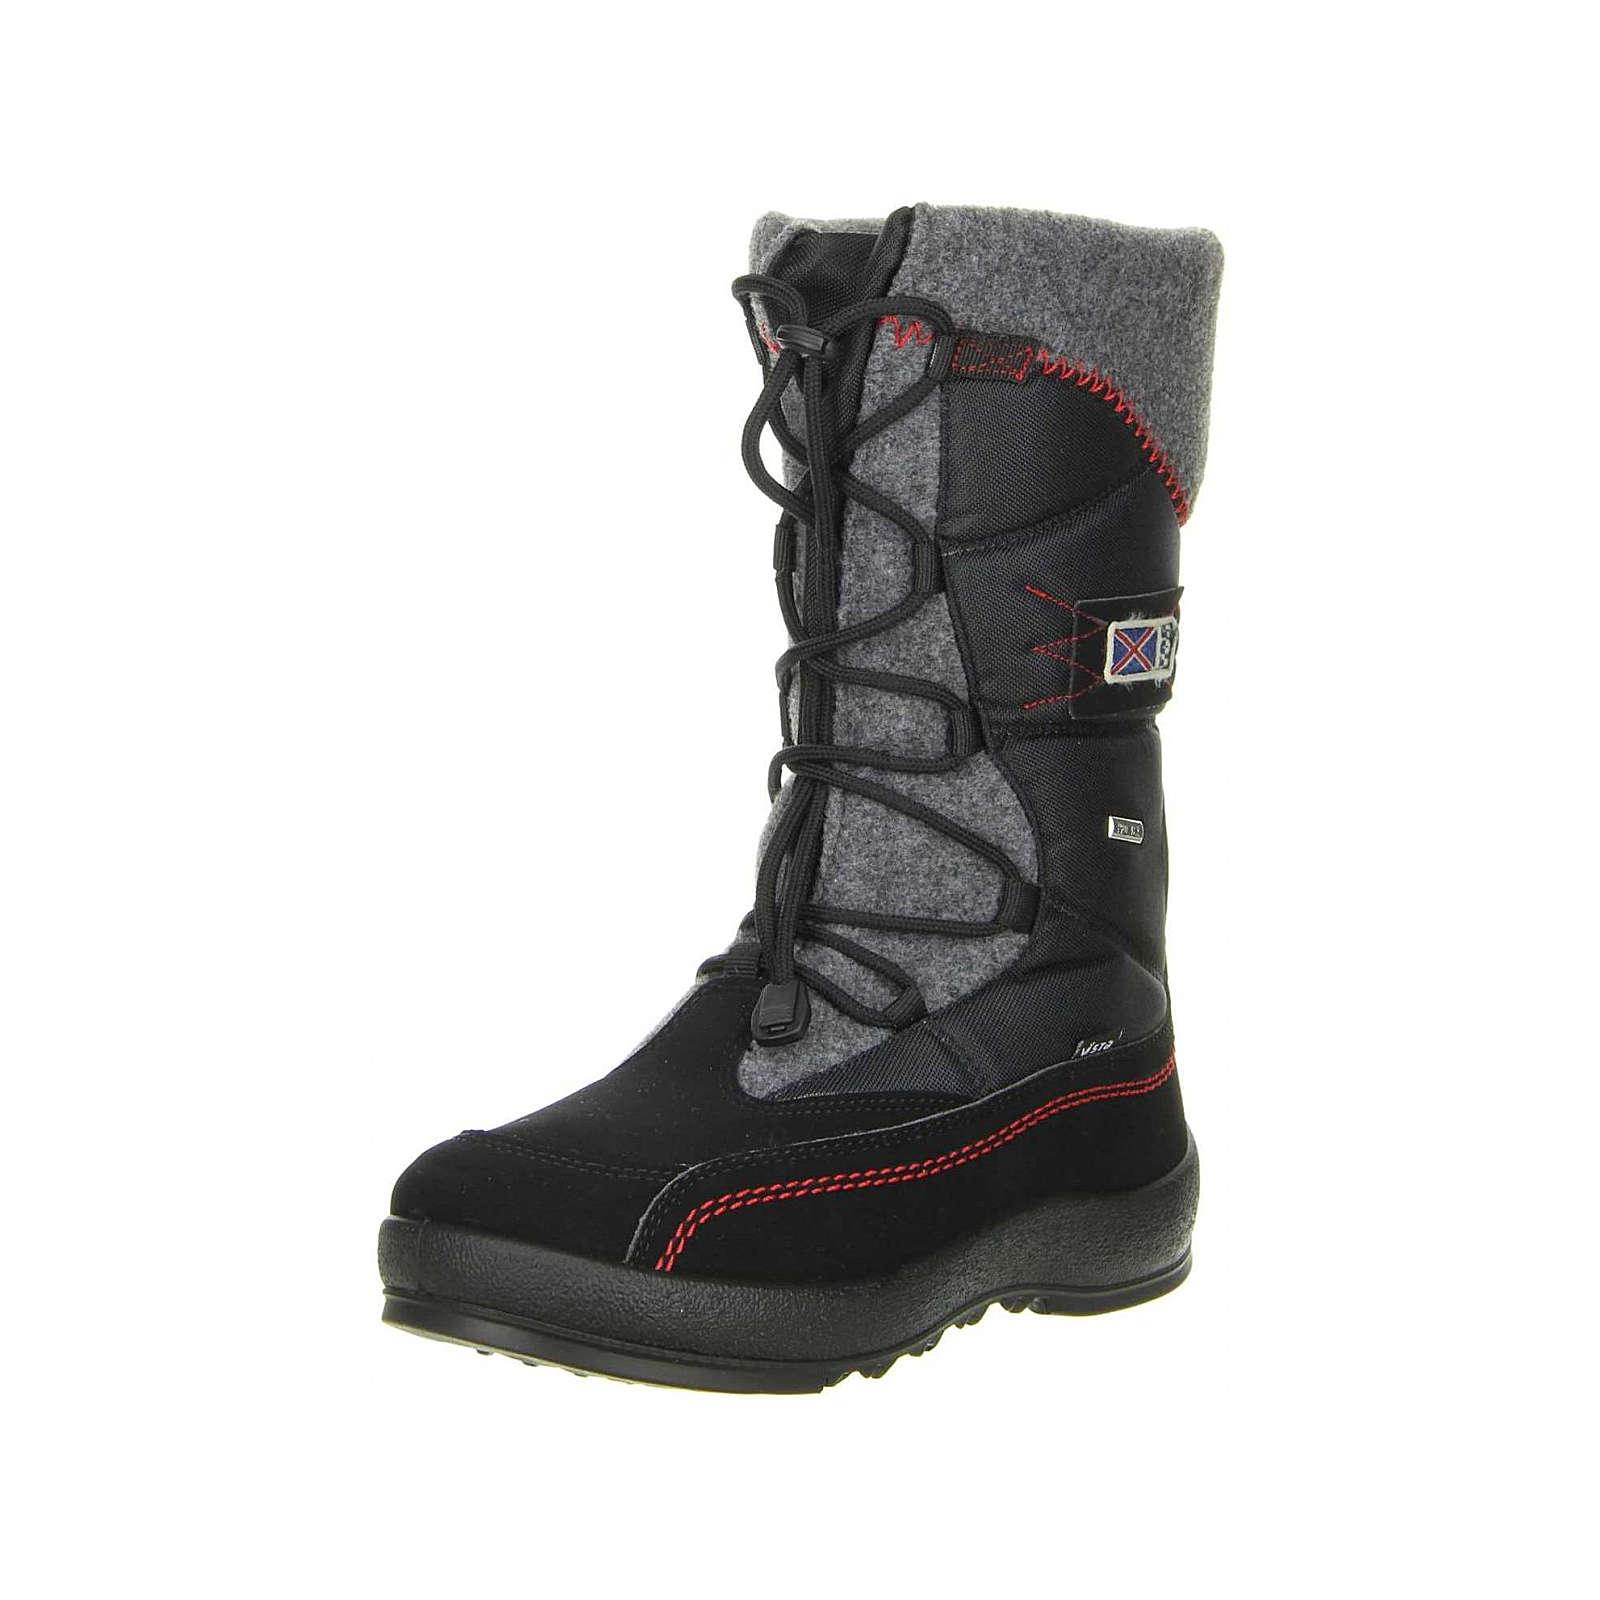 Vista Damen Winterstiefel Snowboots schwarz schwarz Damen Gr. 36